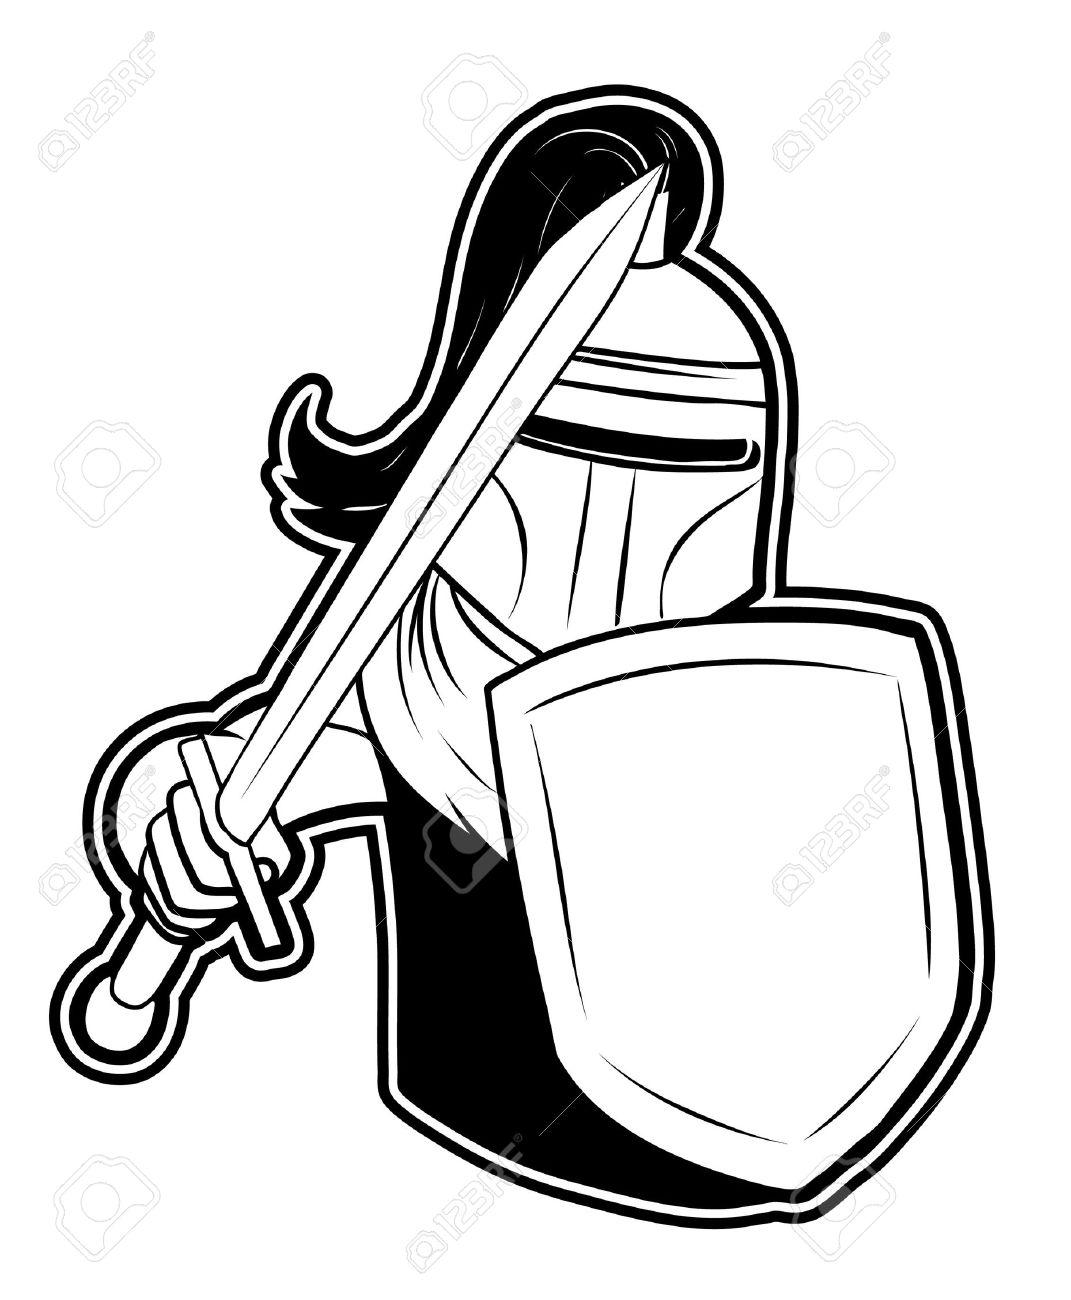 1071x1300 Clip Art Sword And Shield Clip Art